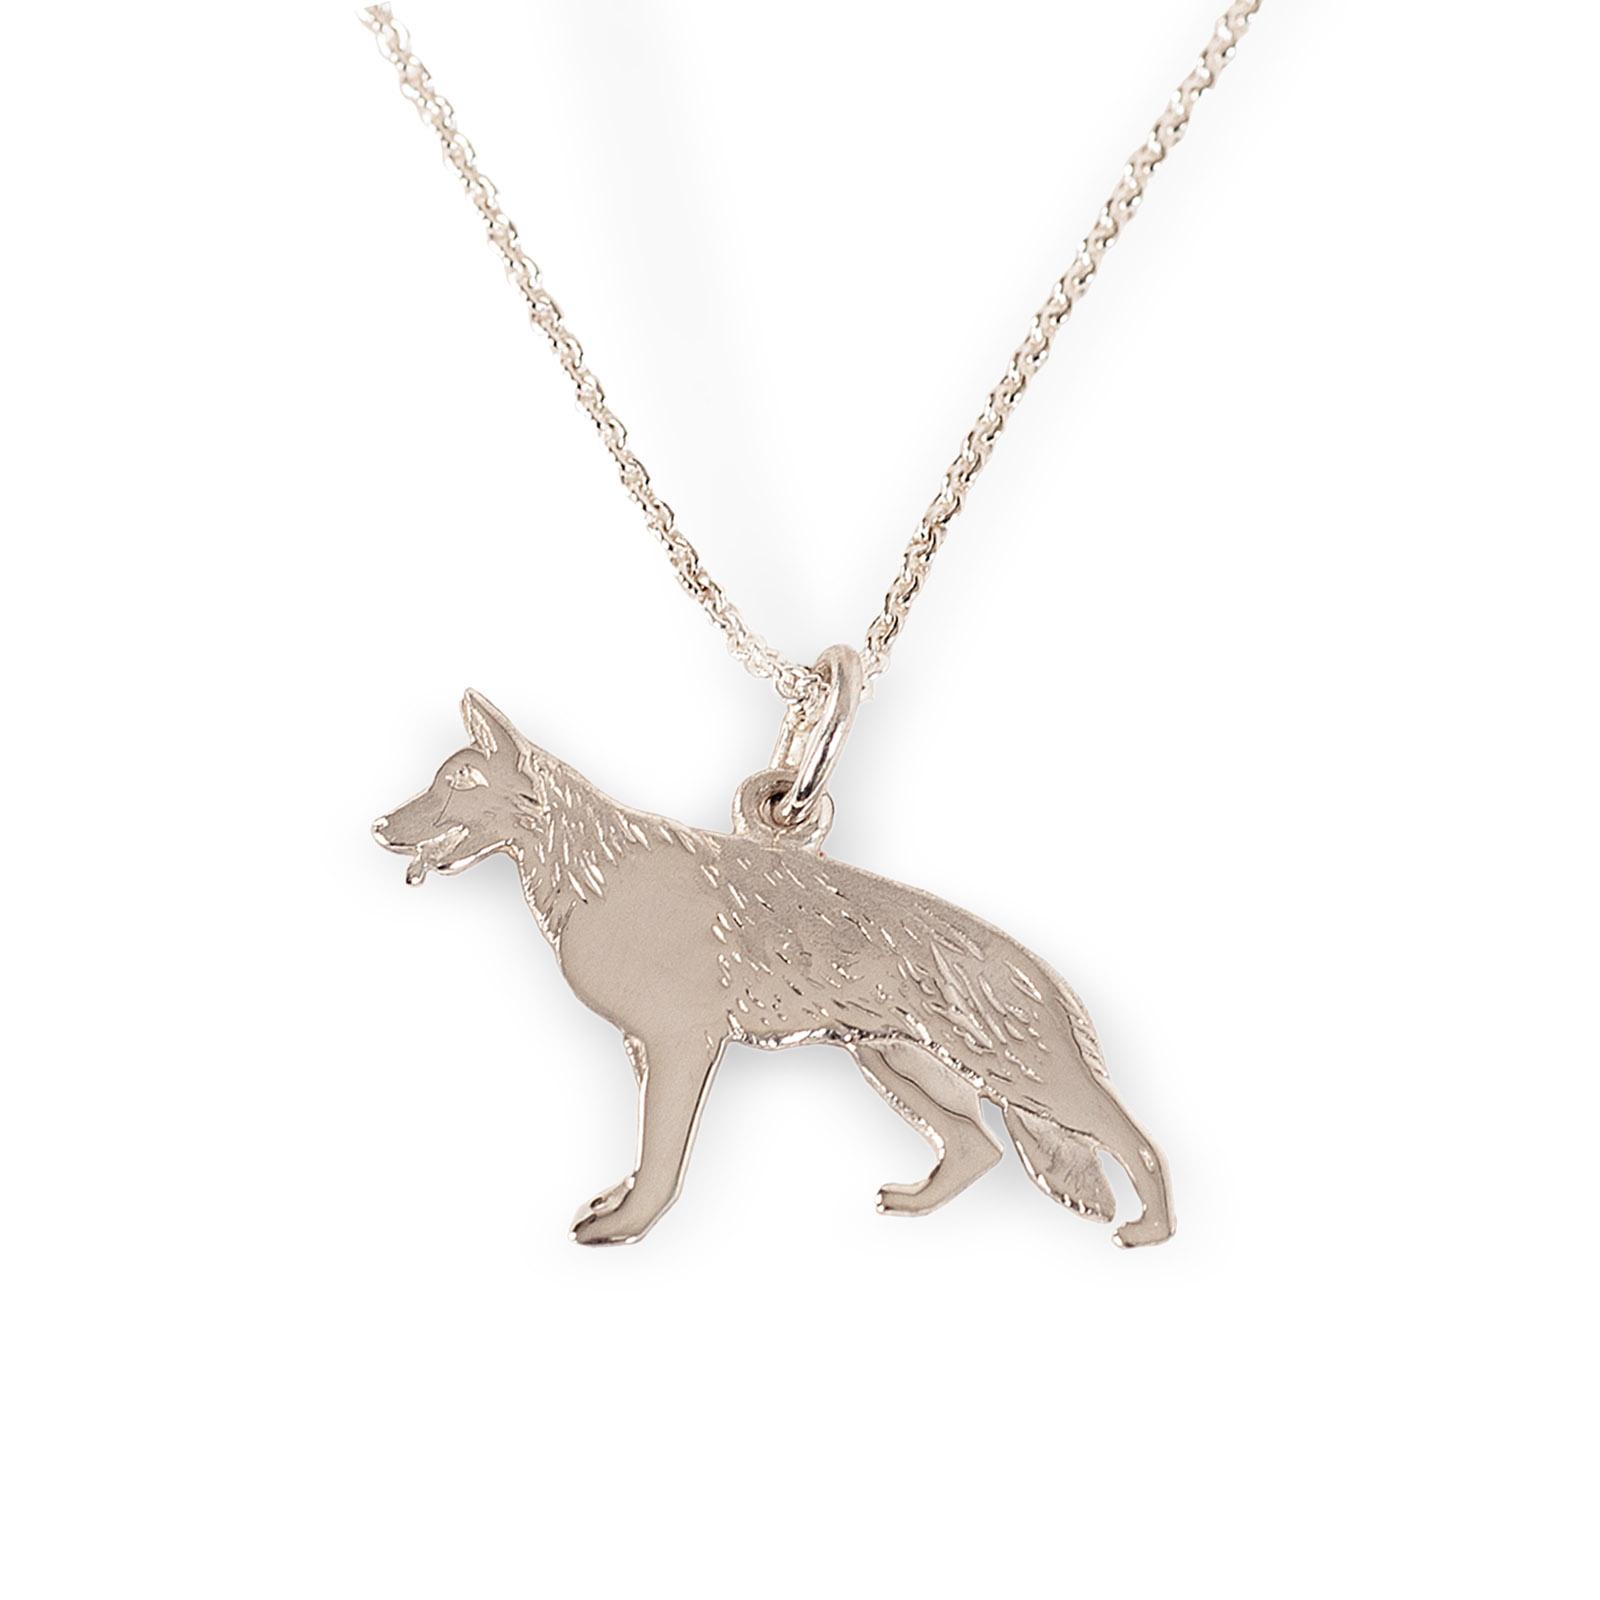 Mestergull Schäferhund anhneg i sølv - Disse Schäferfund smykkene er designet på eget verksted. De blir støpt for oss, og ferdigstilles på eget verksted. De kan kjøpes i vår butikk eller i vår nettbutikk. EGET MERKE Anheng